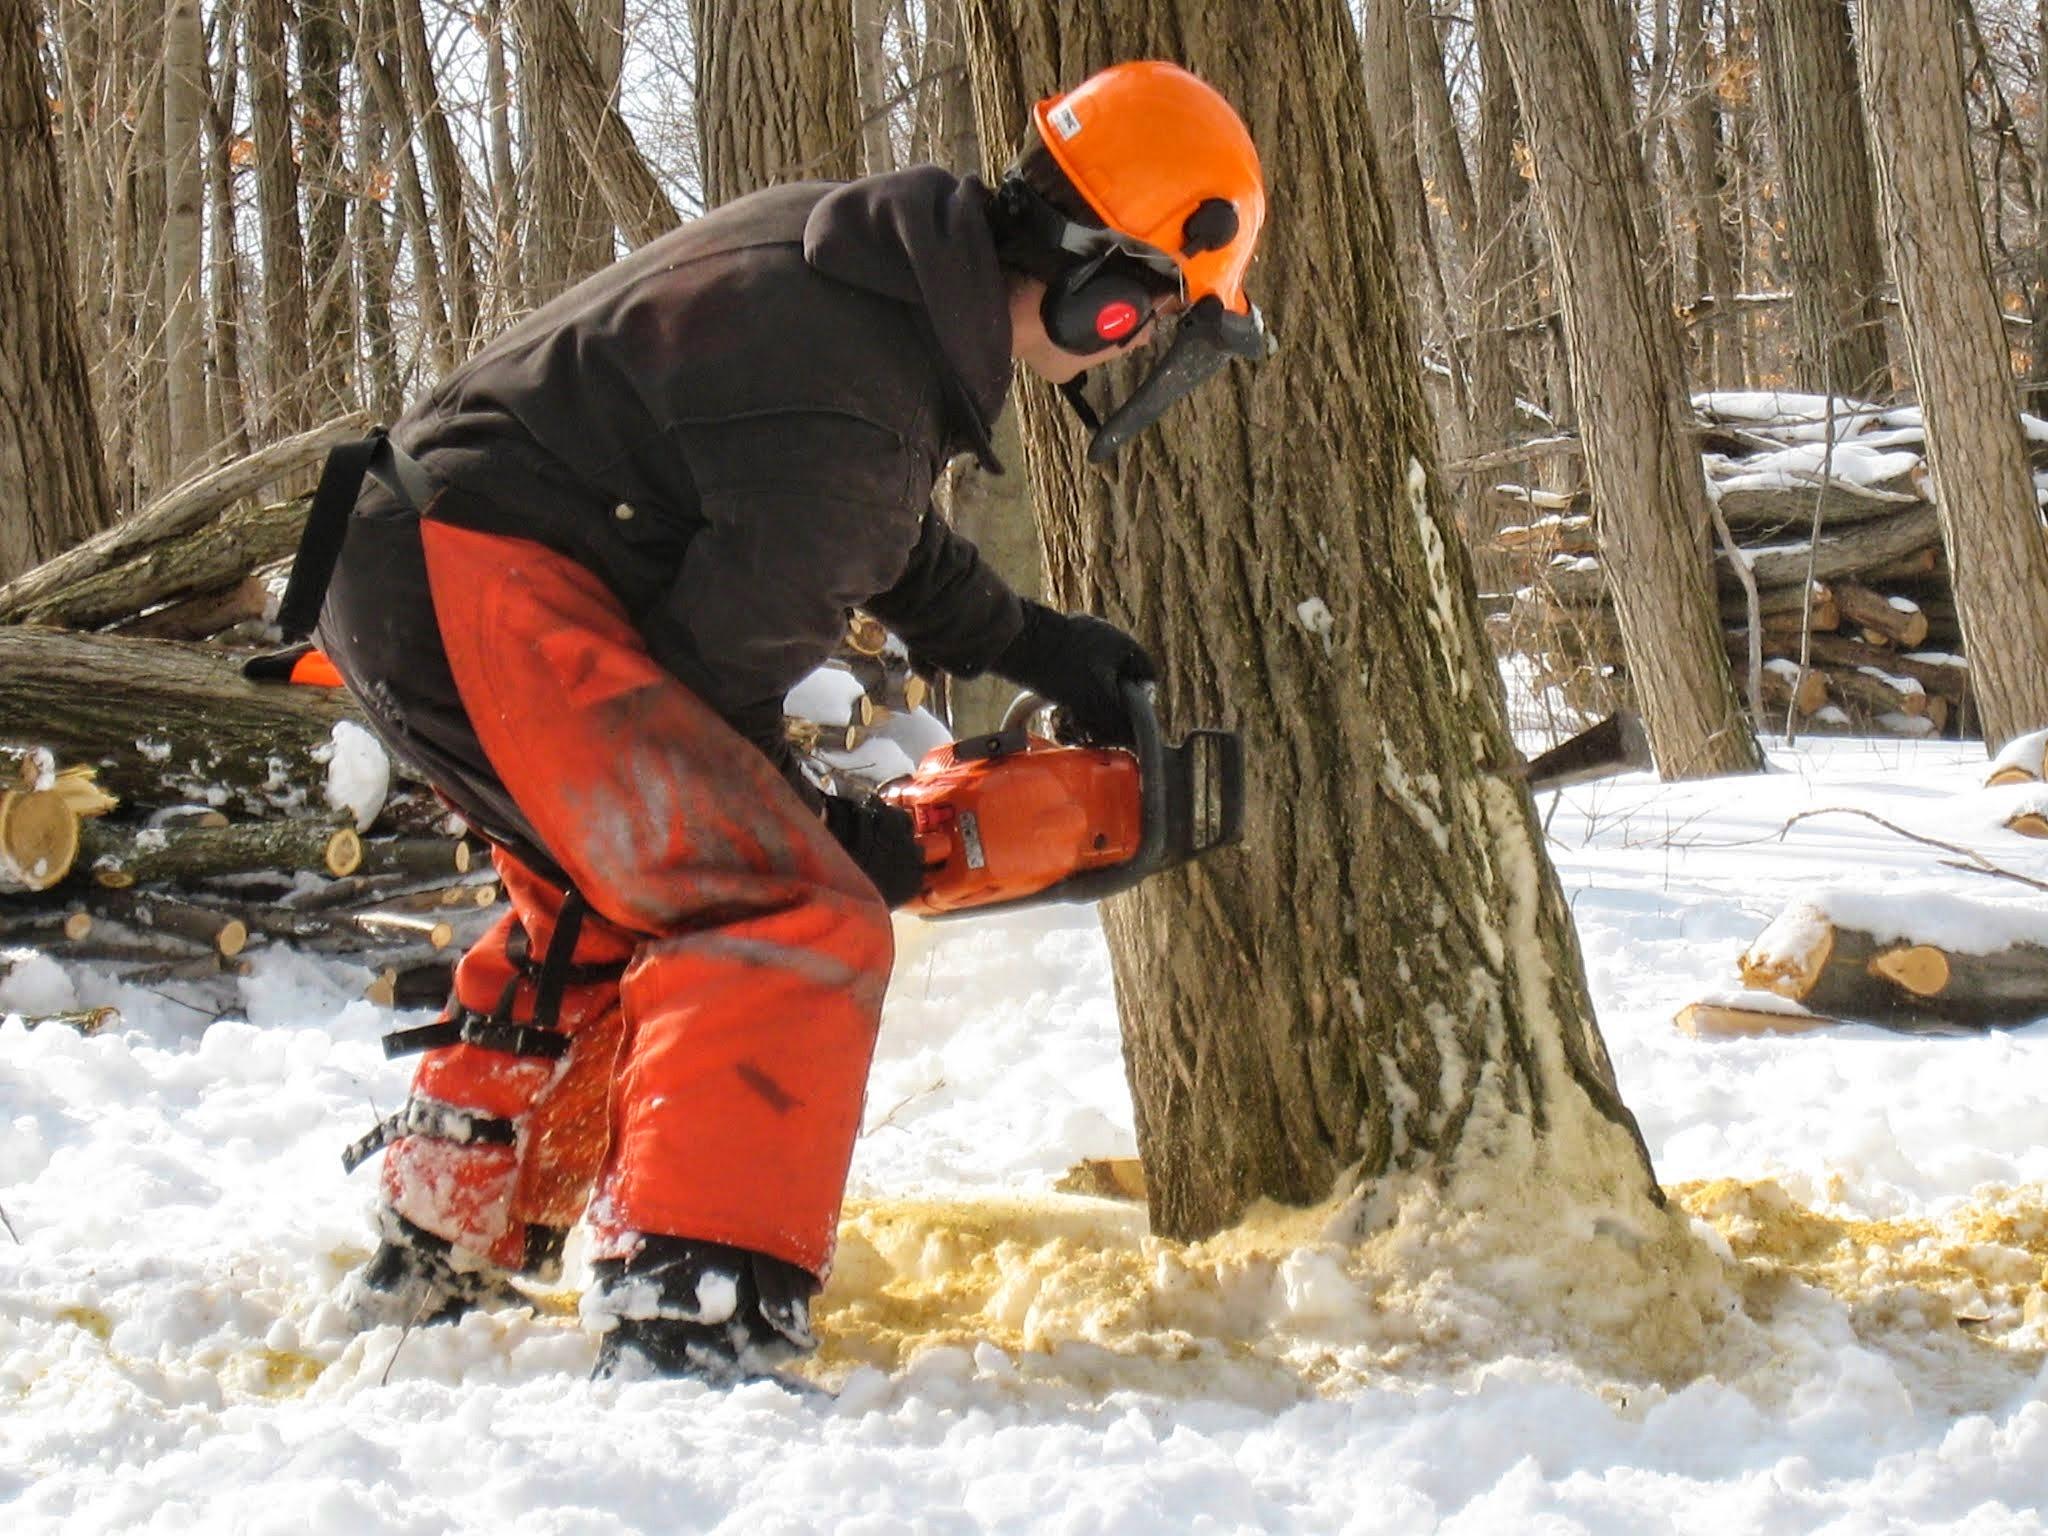 Tree felling work